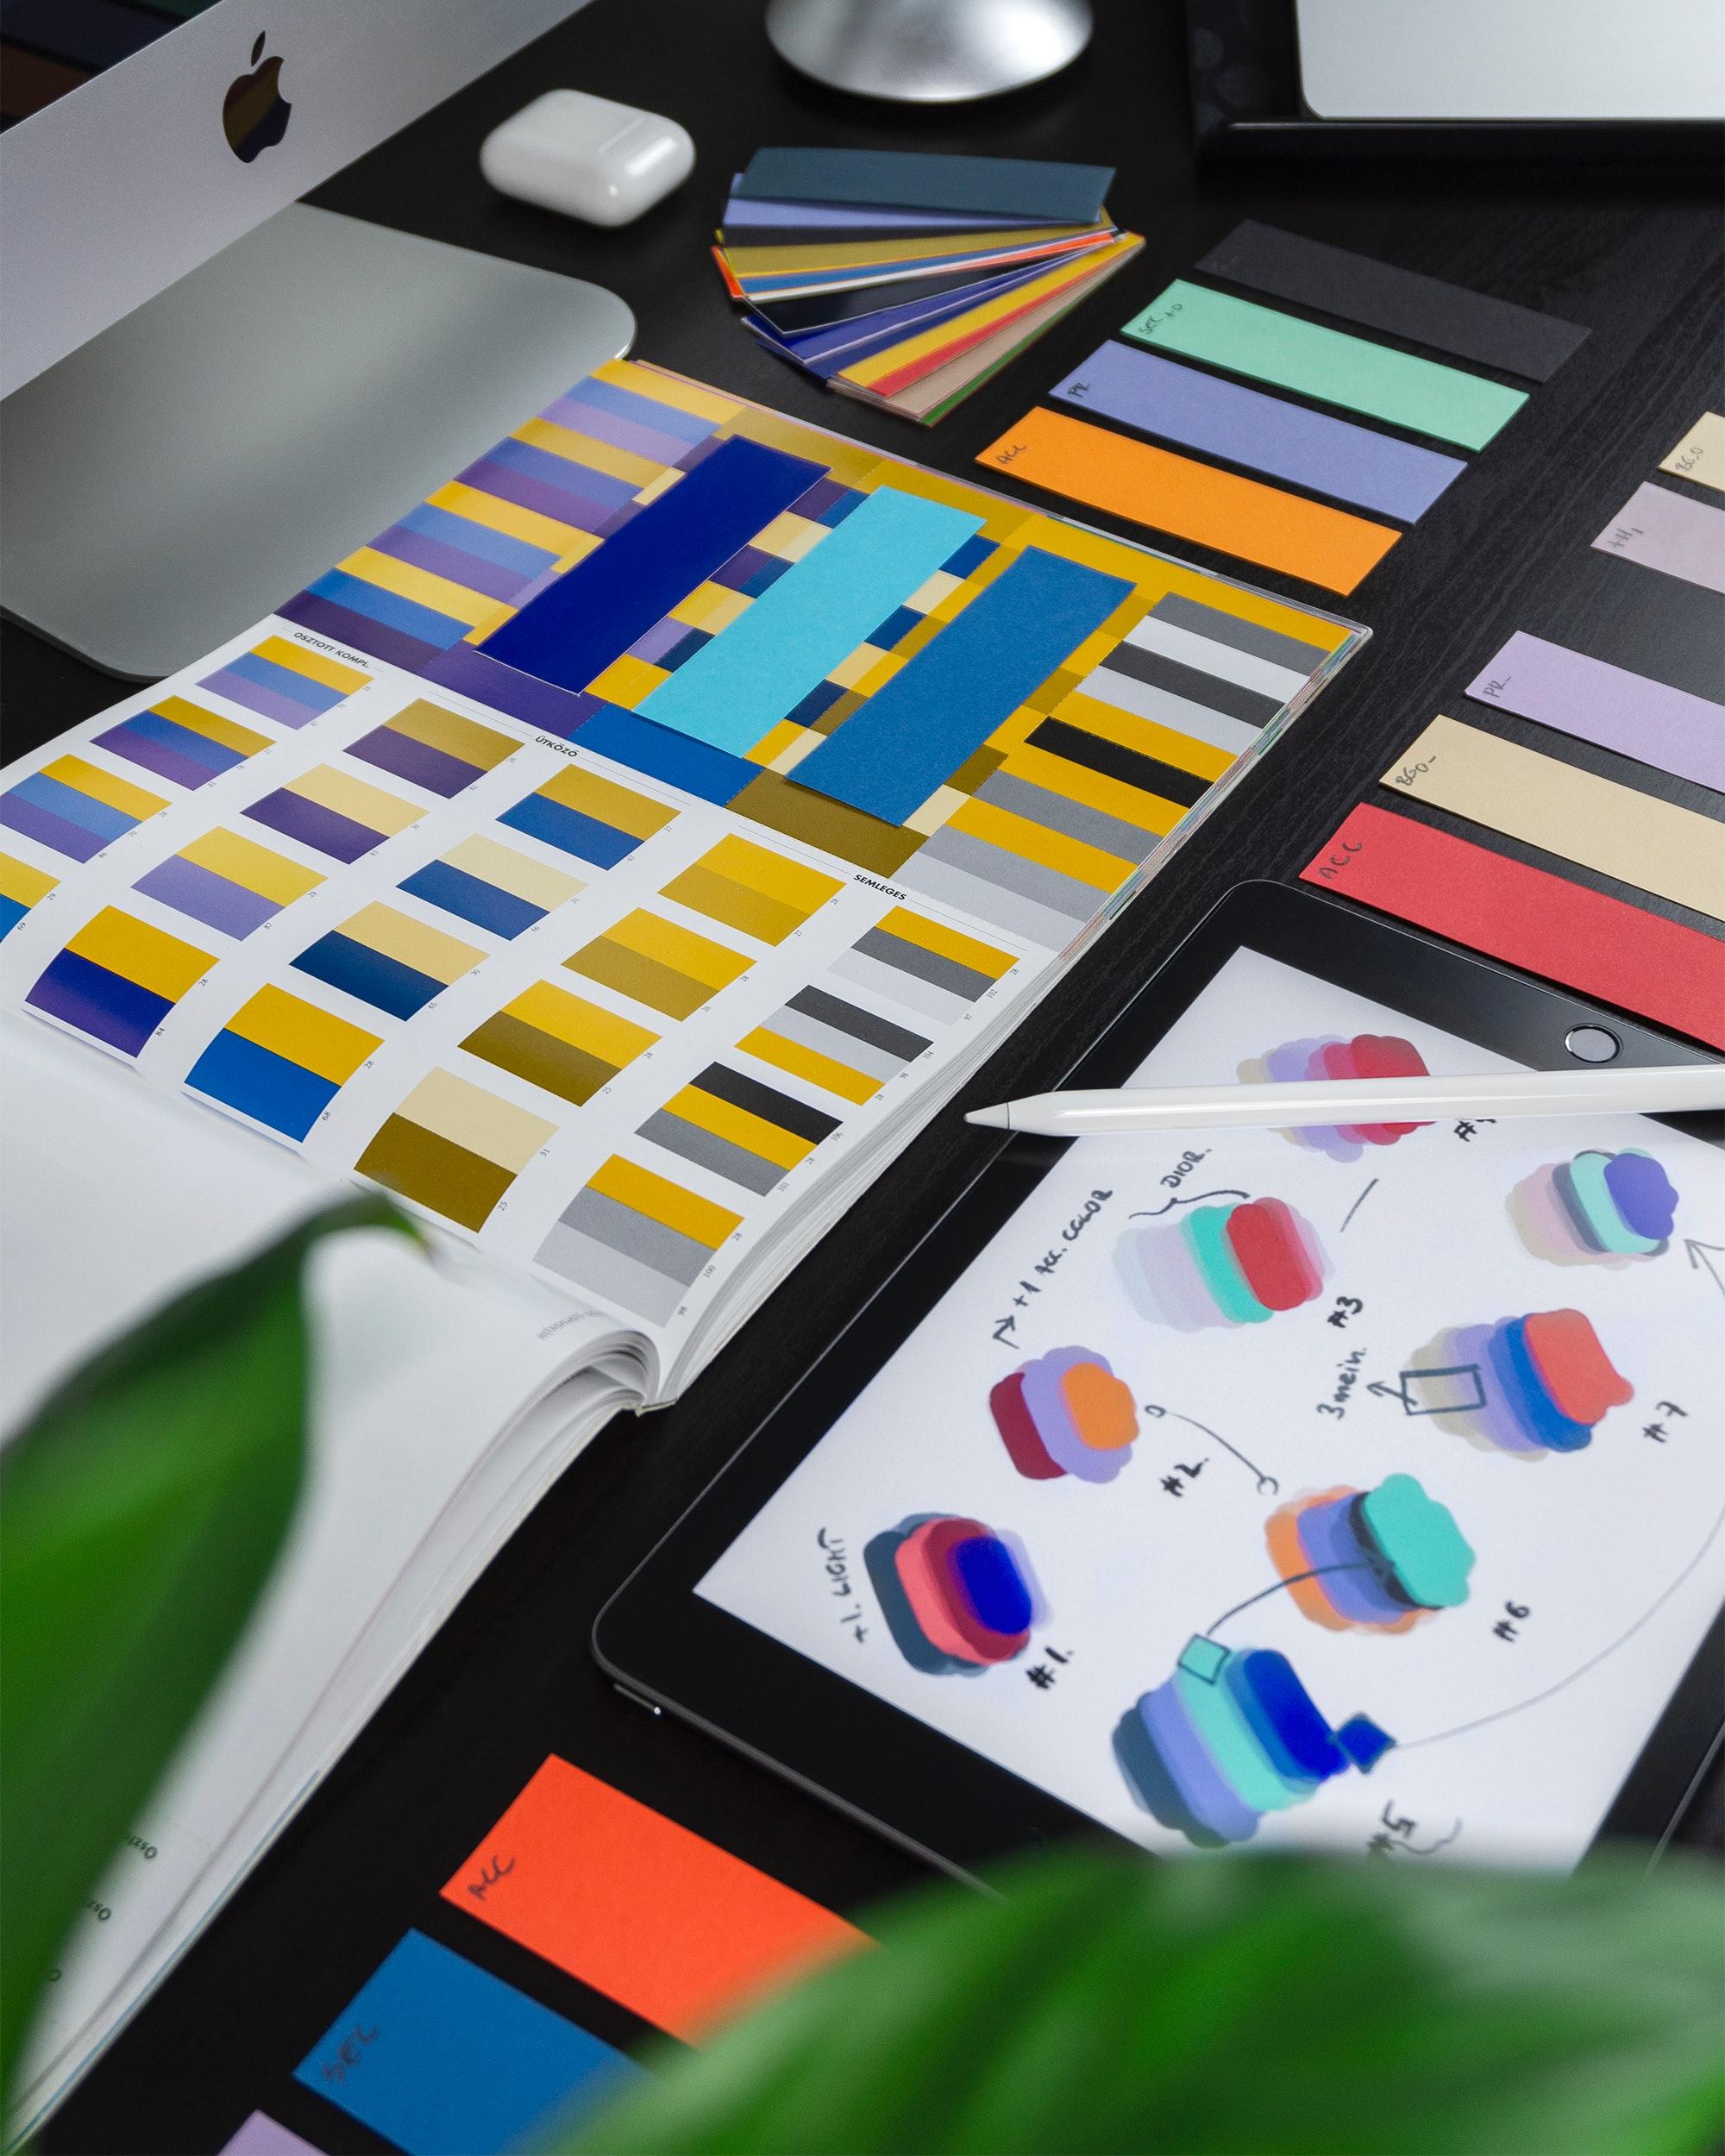 A design table